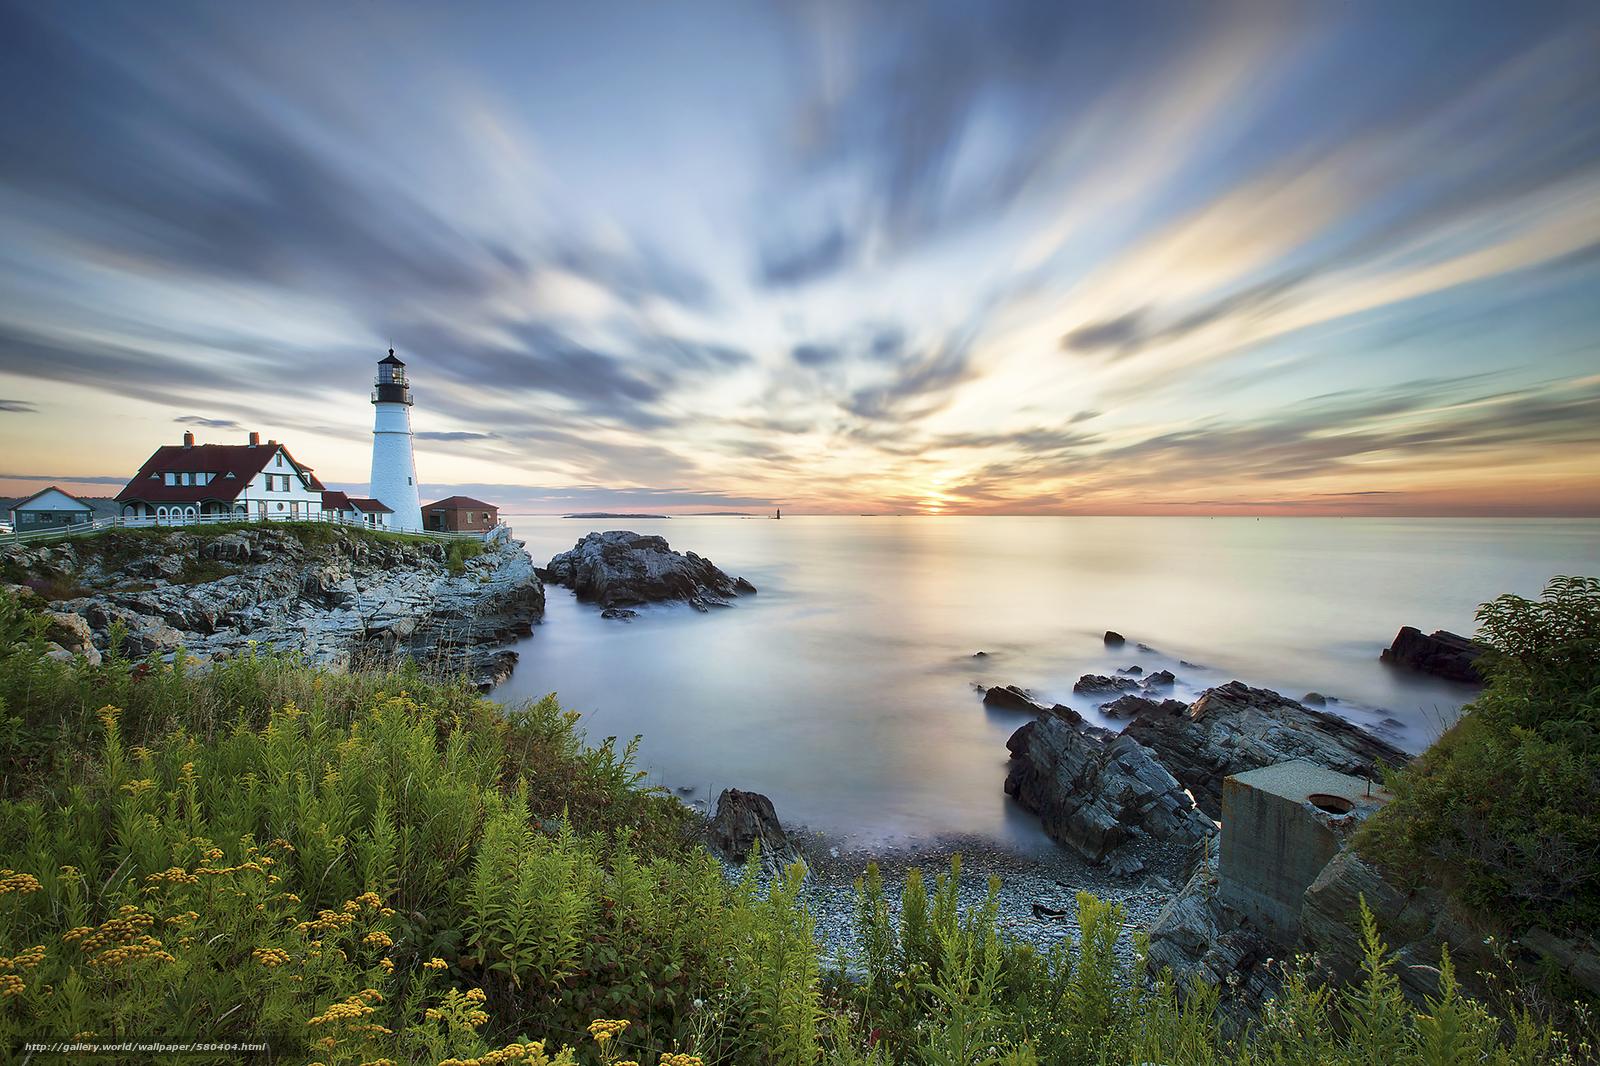 Wallpapersafari: Maine Coast Wallpaper